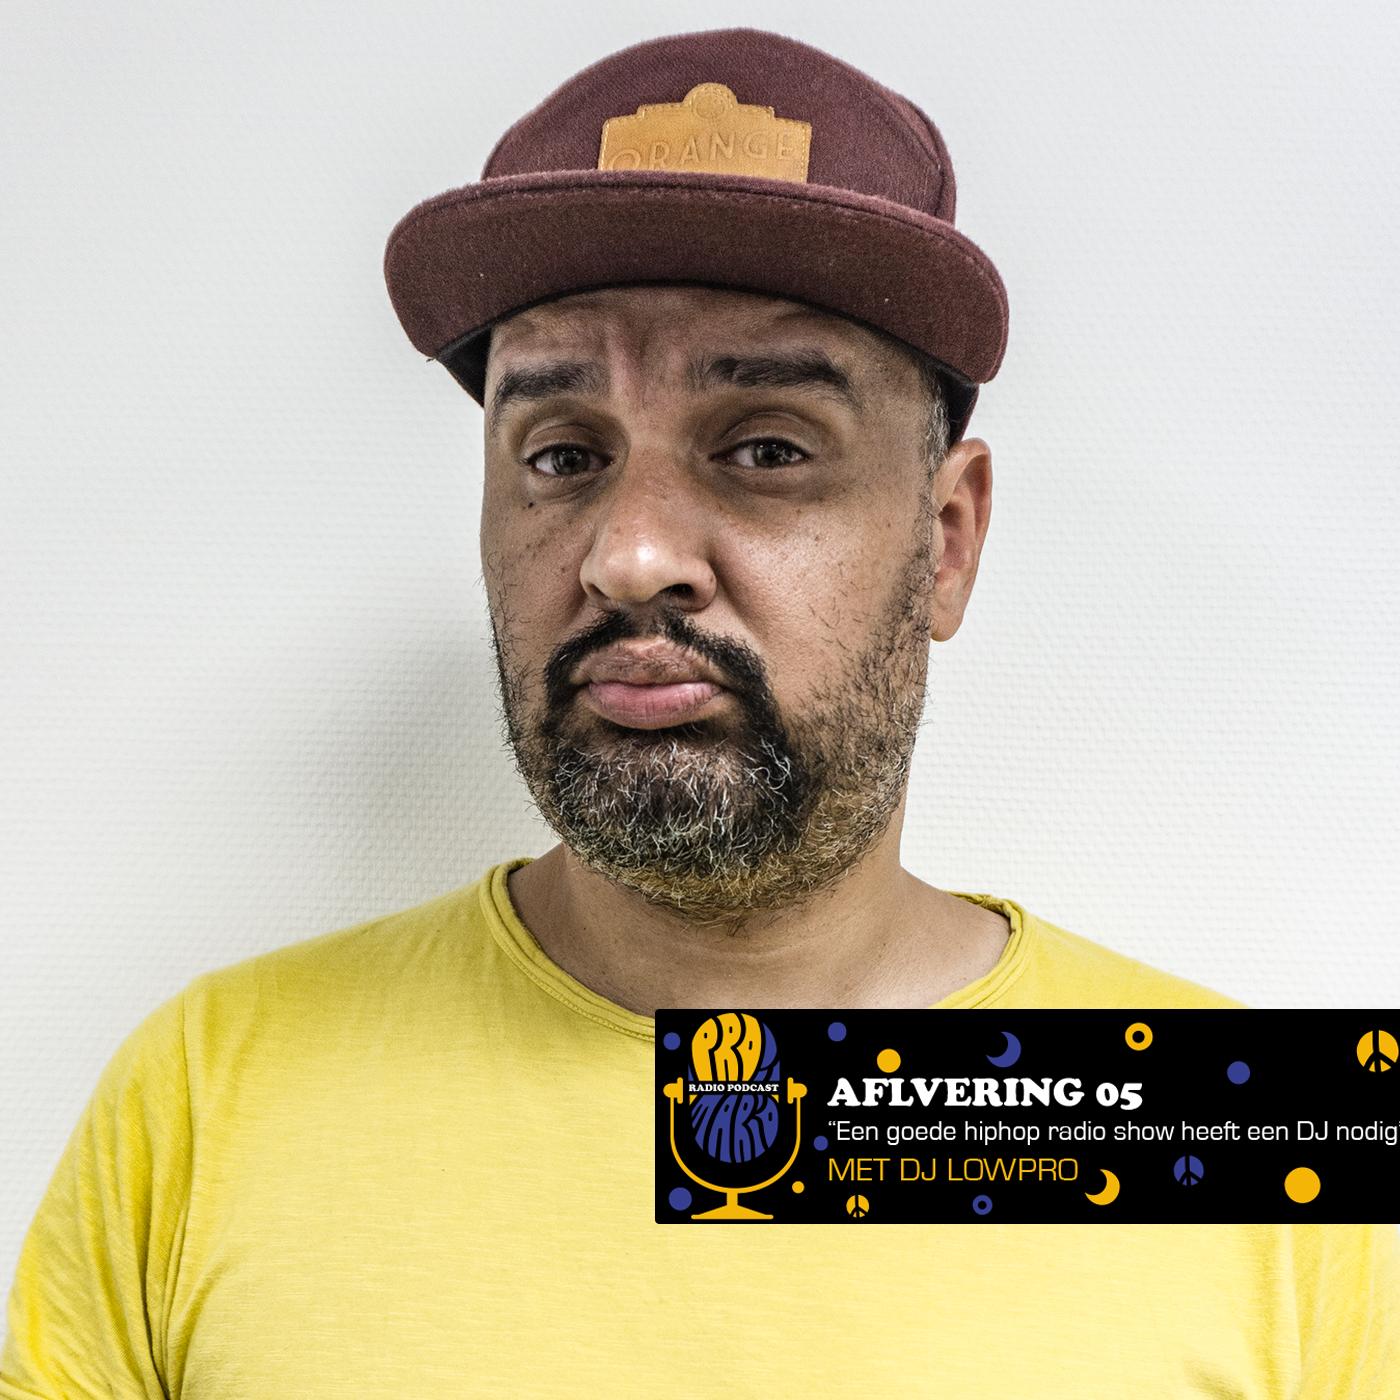 """Aflevering 5: Met DJ Lowpro """"Een goede hiphop radio show heeft een DJ nodig"""""""